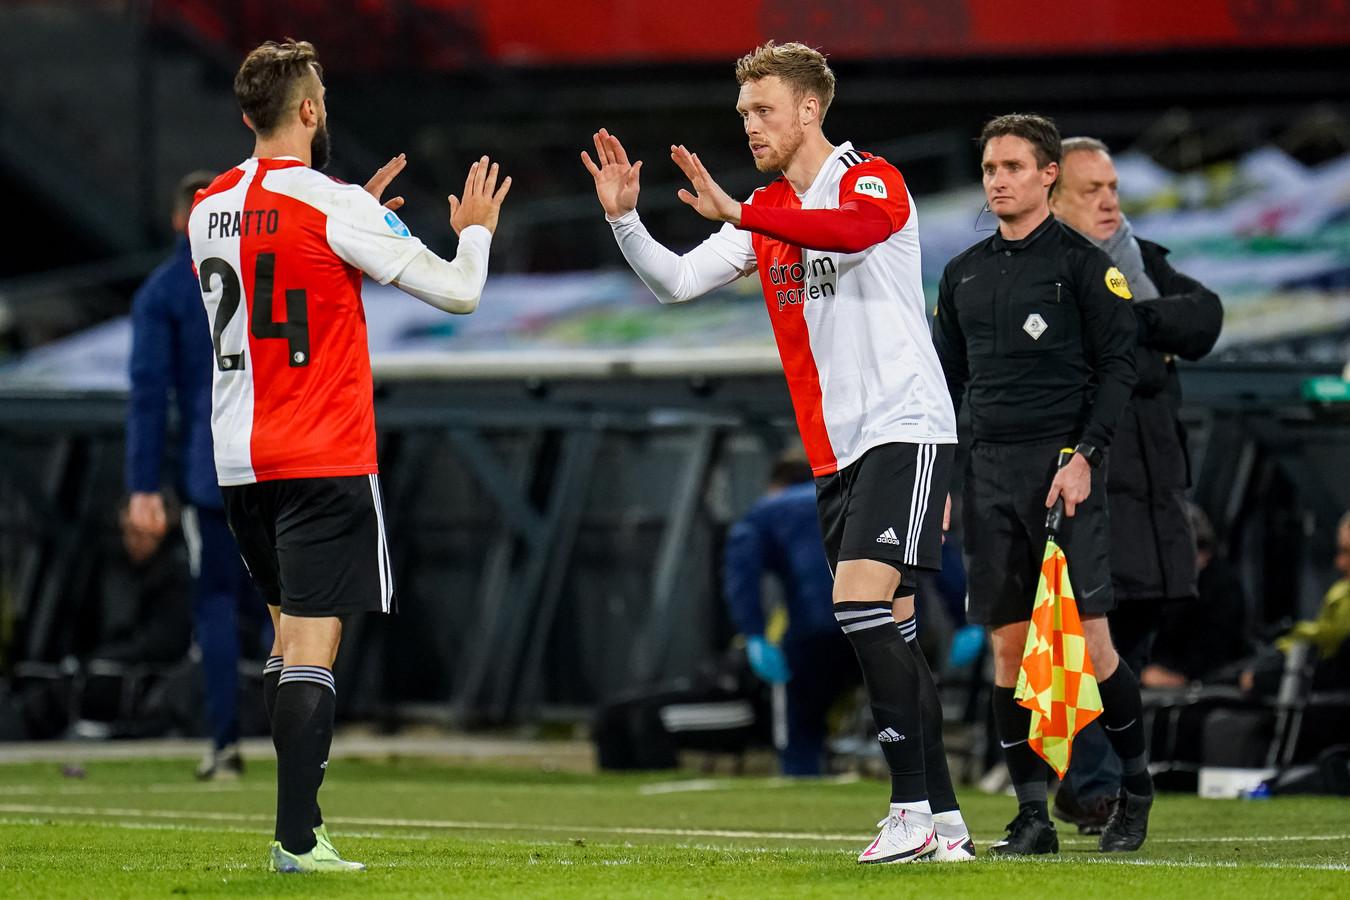 Lucas Pratto werd opnieuw afgelost door Nicolai Jørgensen, nu na 75 minuten.